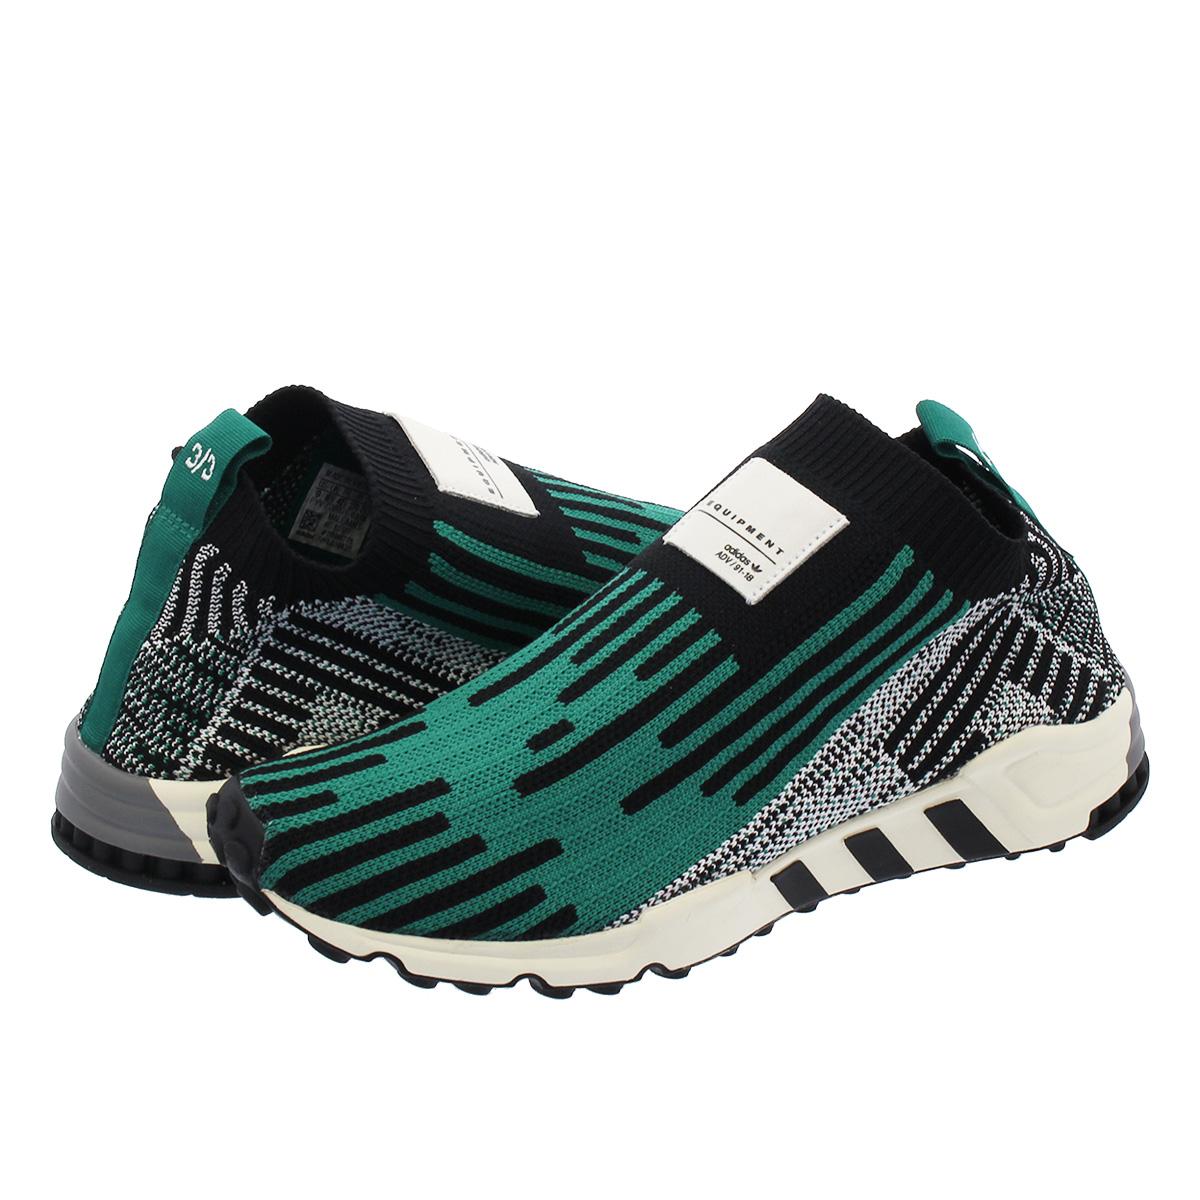 adidas support eqt pk